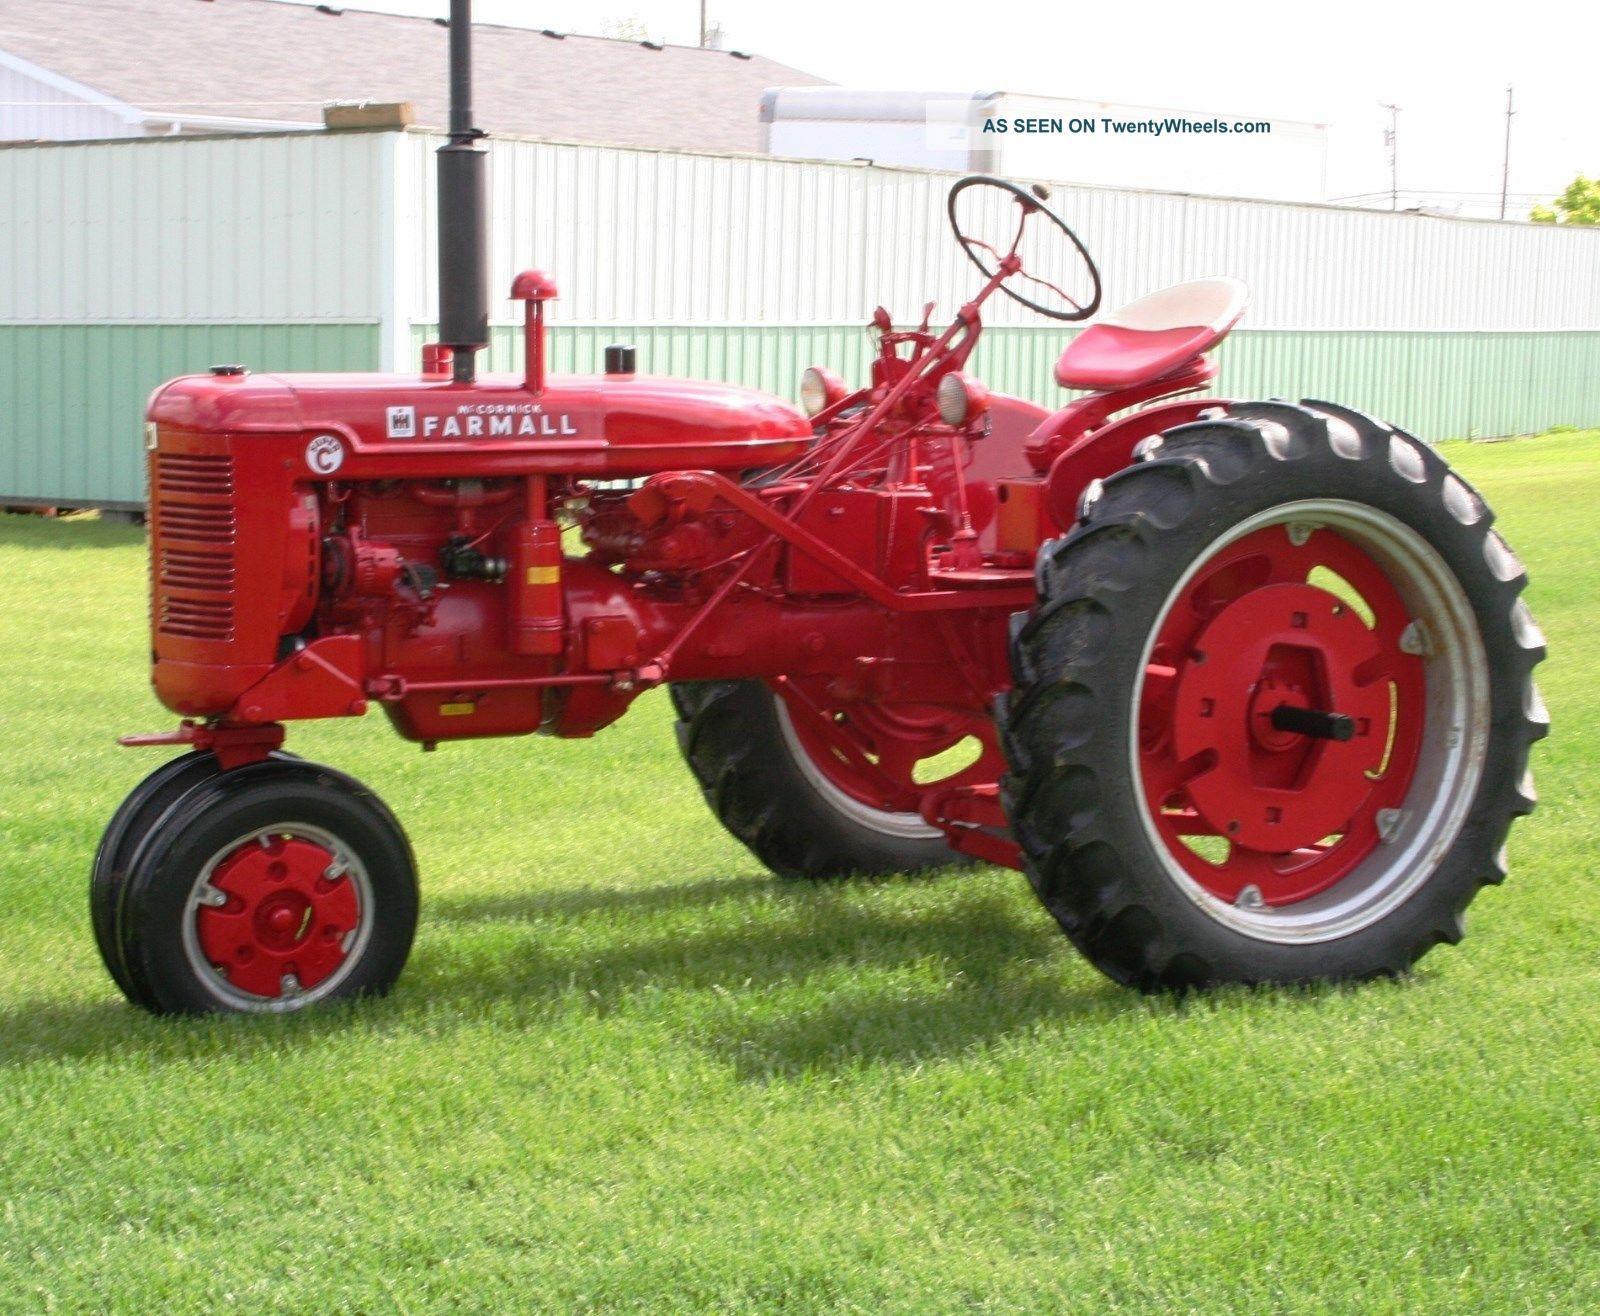 Farmall C Tractor : Antique farmall c tractor